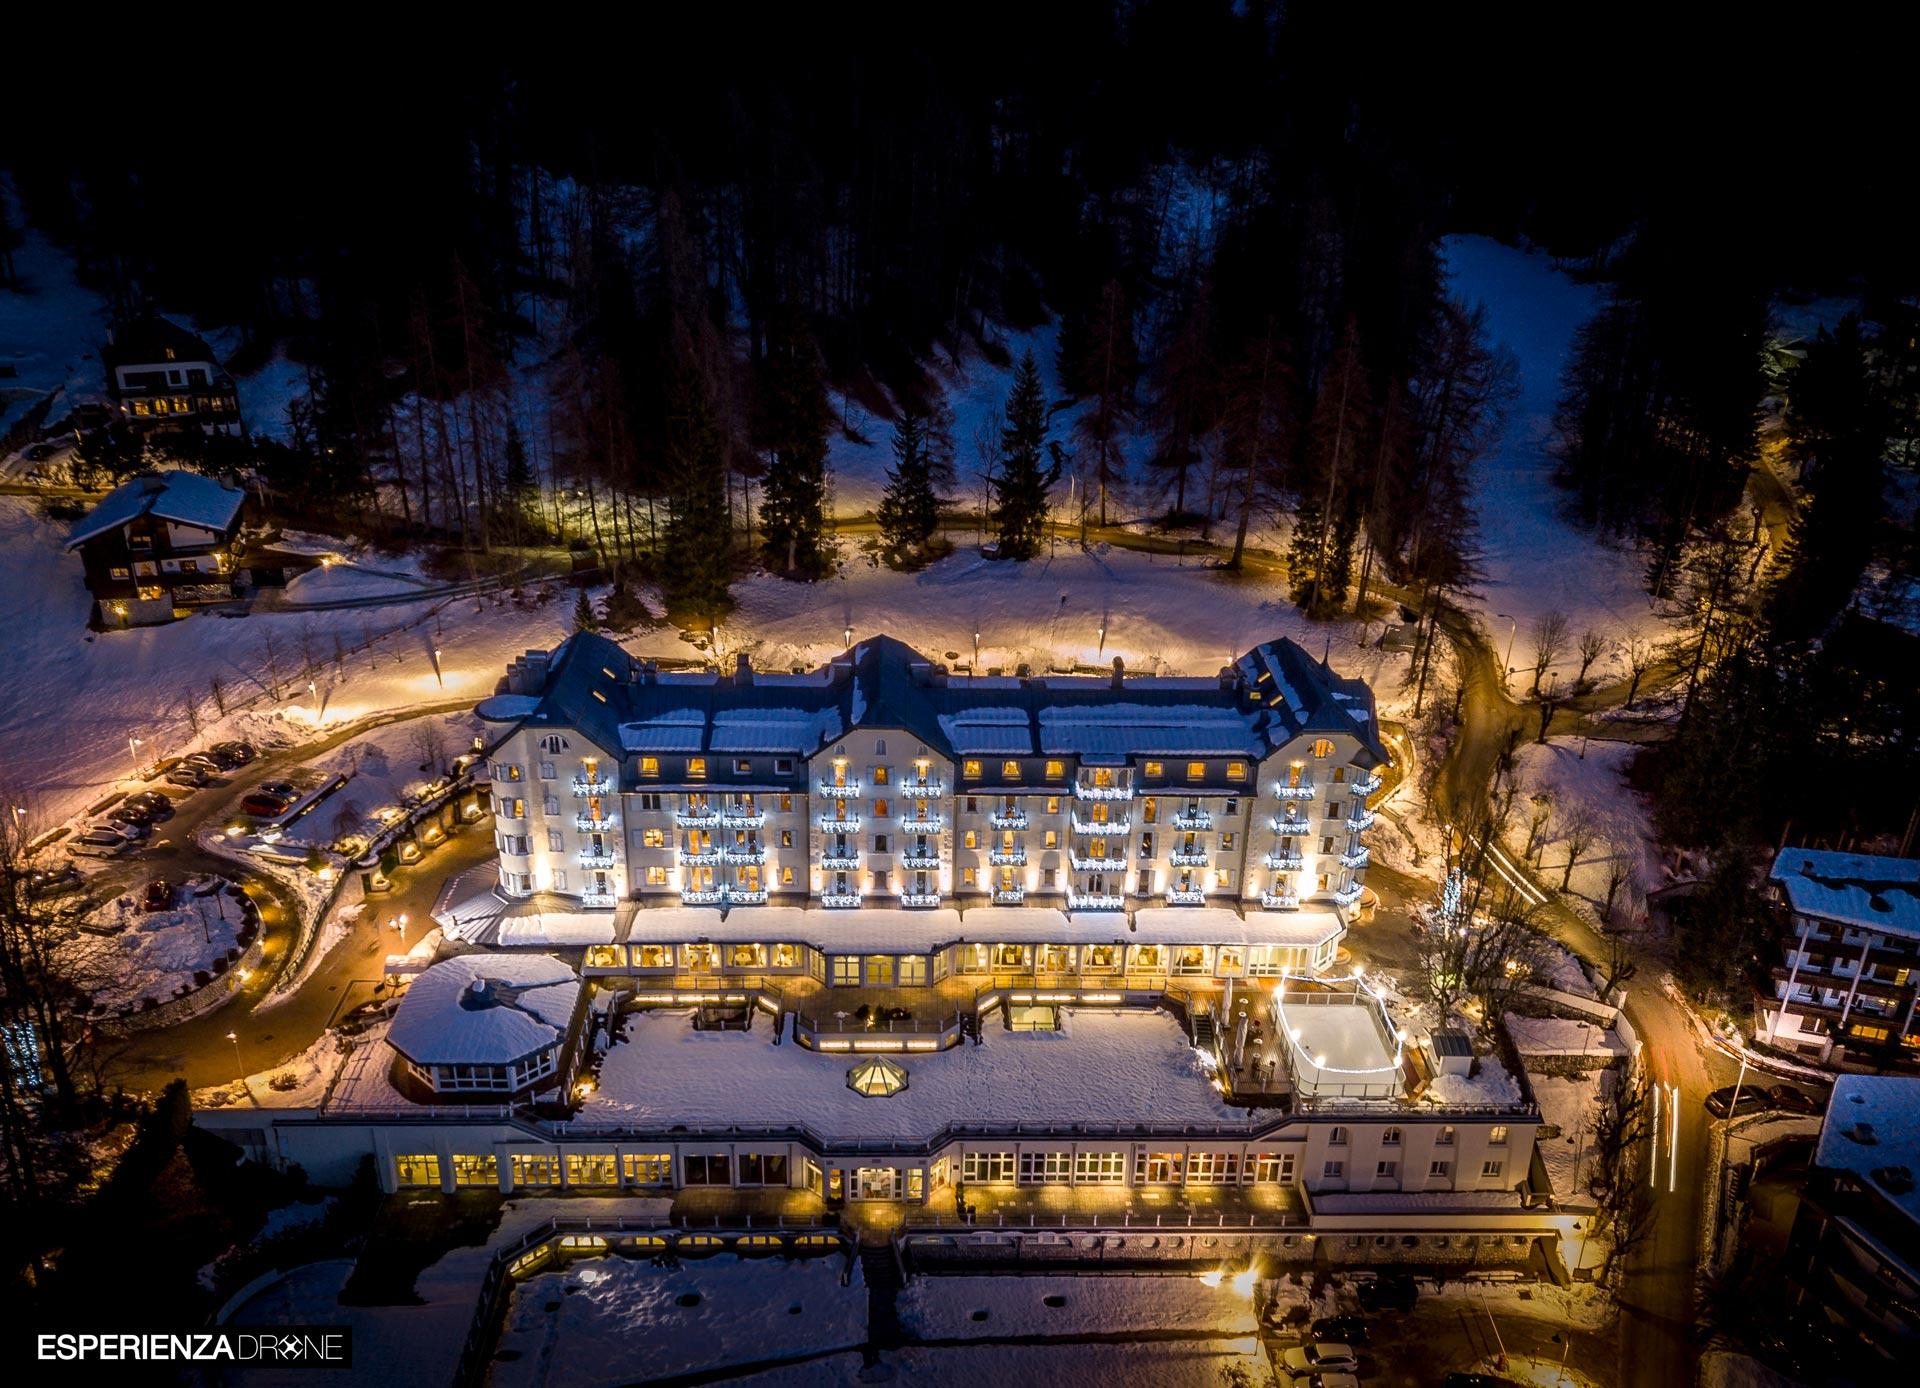 esperienza drone immagine portfolio turismo promozione territorio italia antiche residenze castelli alberghi hotel cristallo cortina ampezzo.jpg